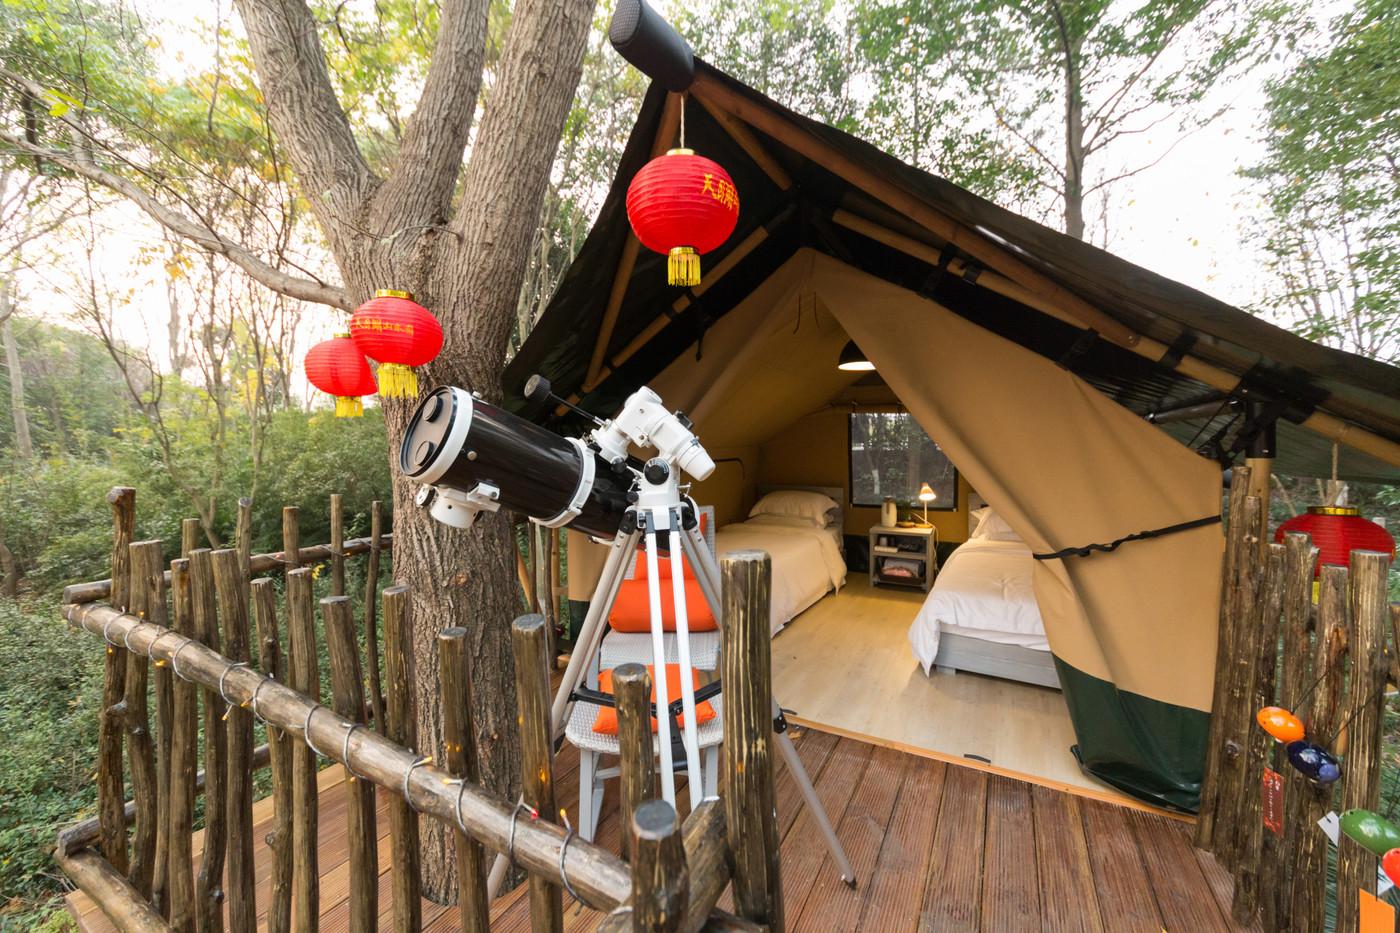 喜马拉雅野奢帐篷酒店—江苏常州天目湖树屋12